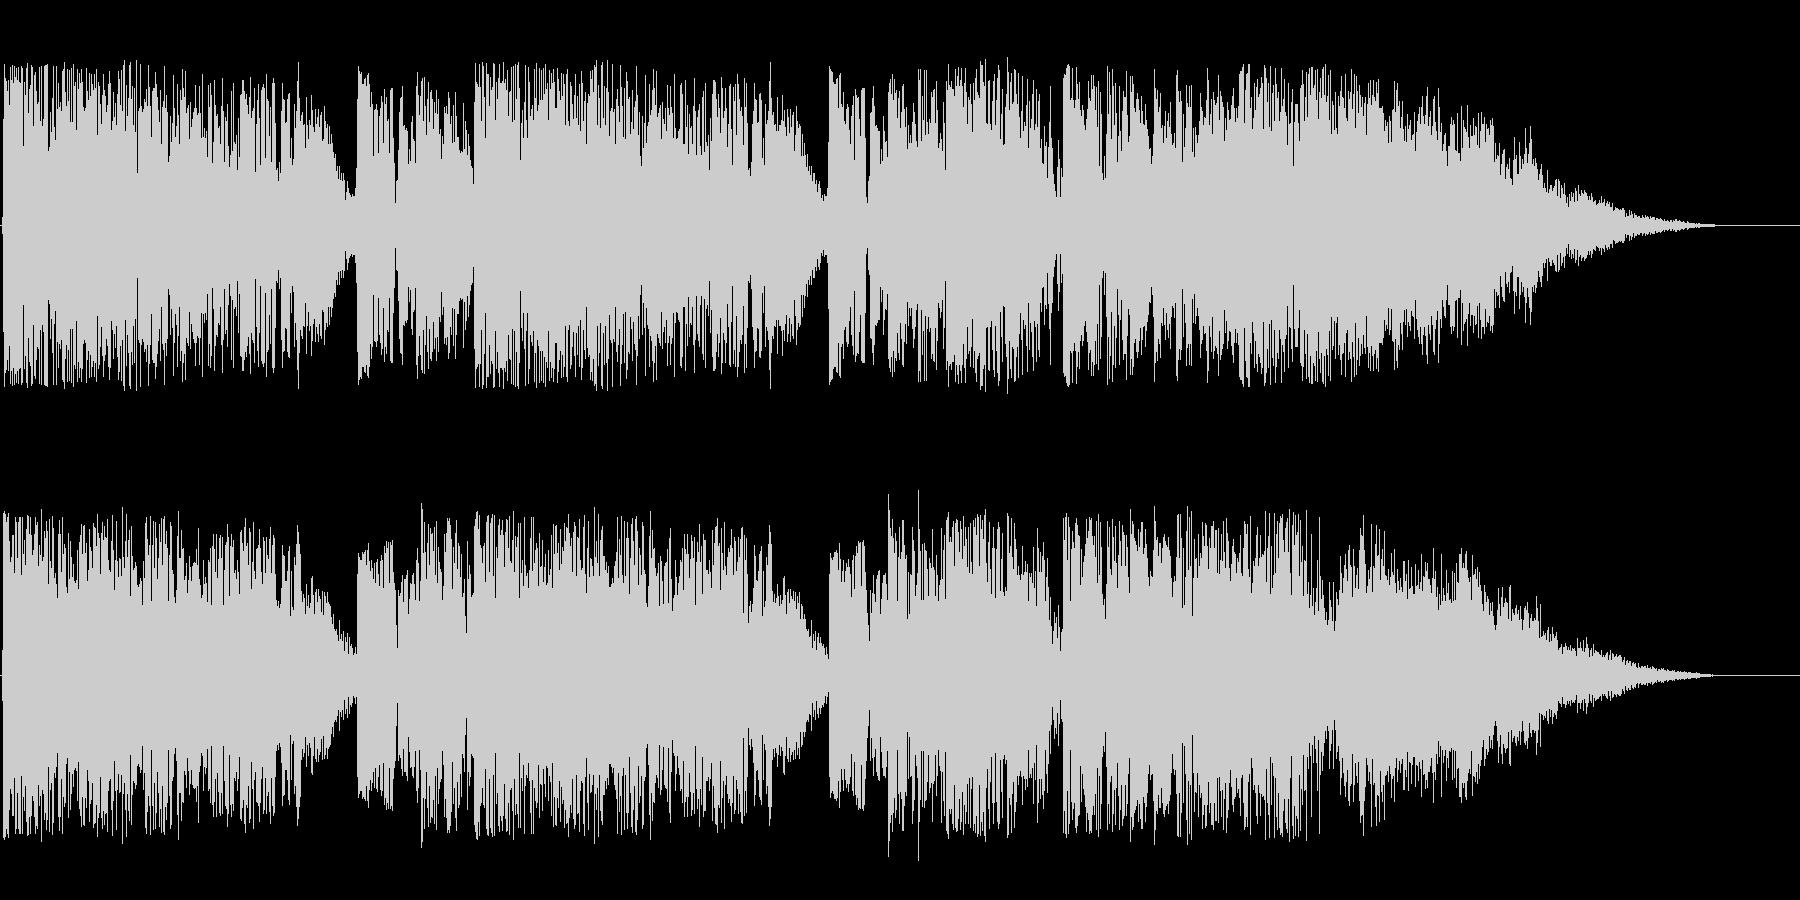 にぎやかなオープニングの効果音の未再生の波形